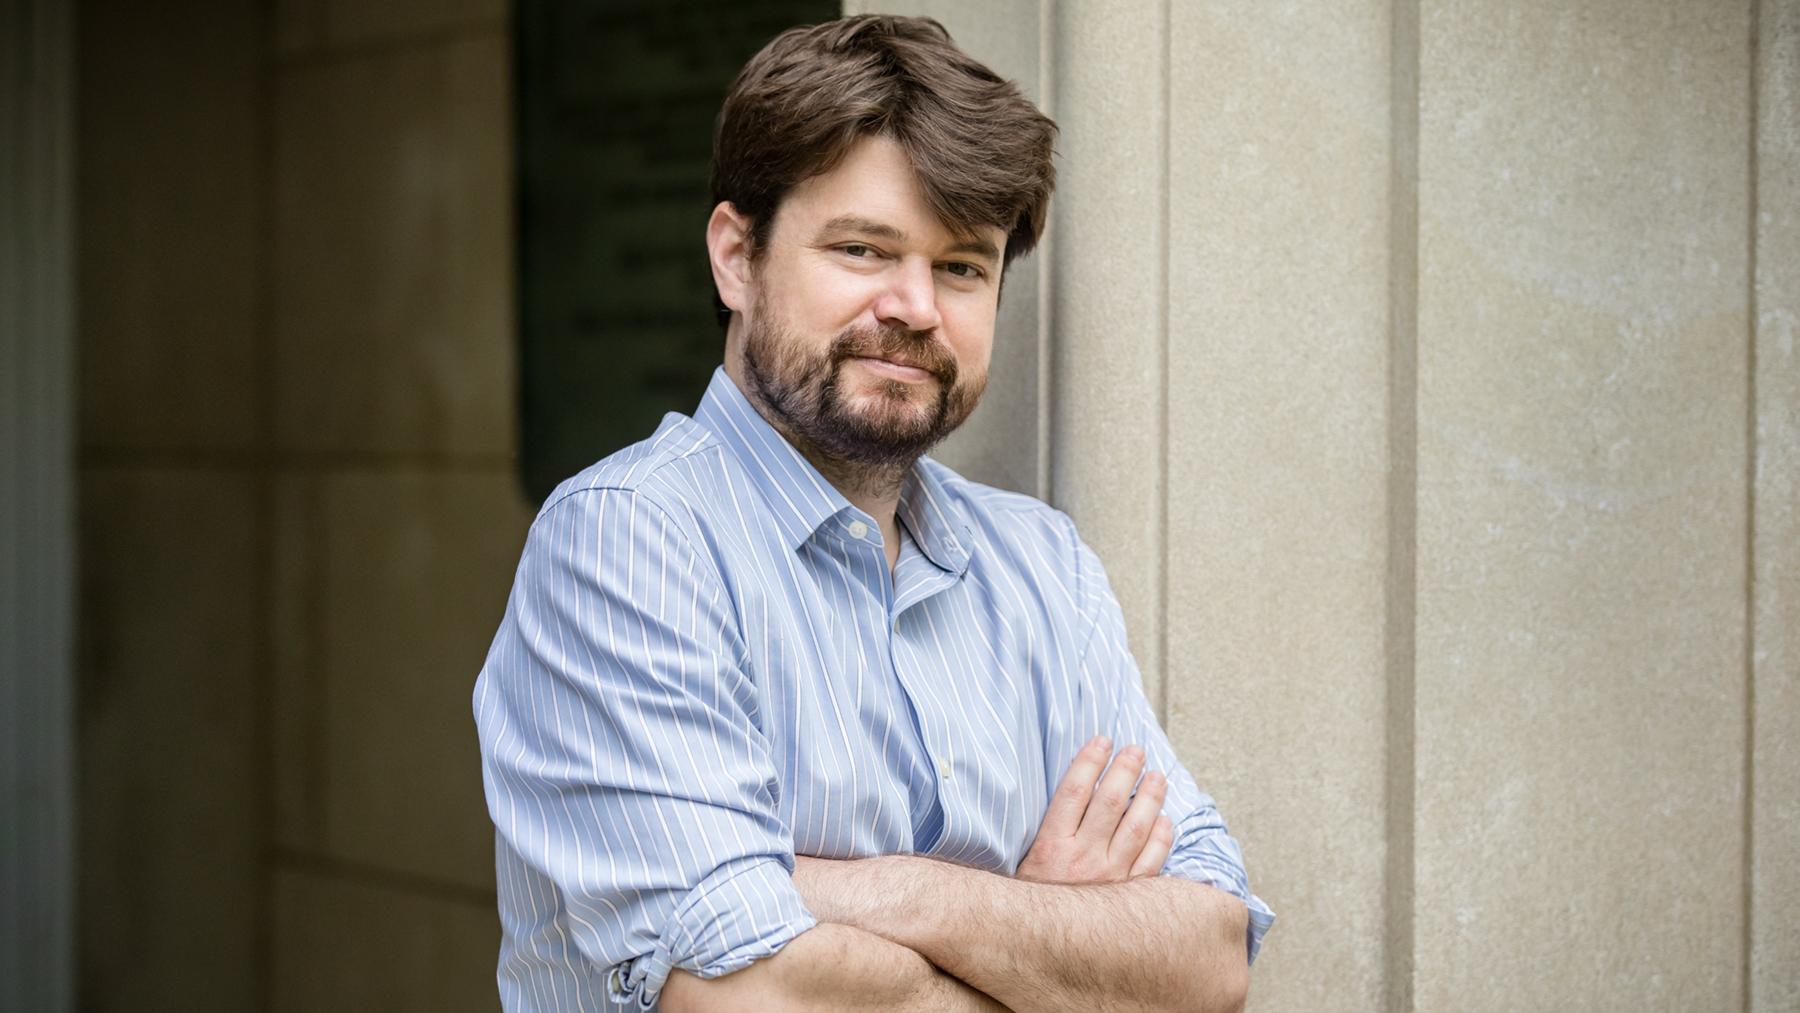 Mark Borgschulte, a professor of economics. Photo by University of Illinois